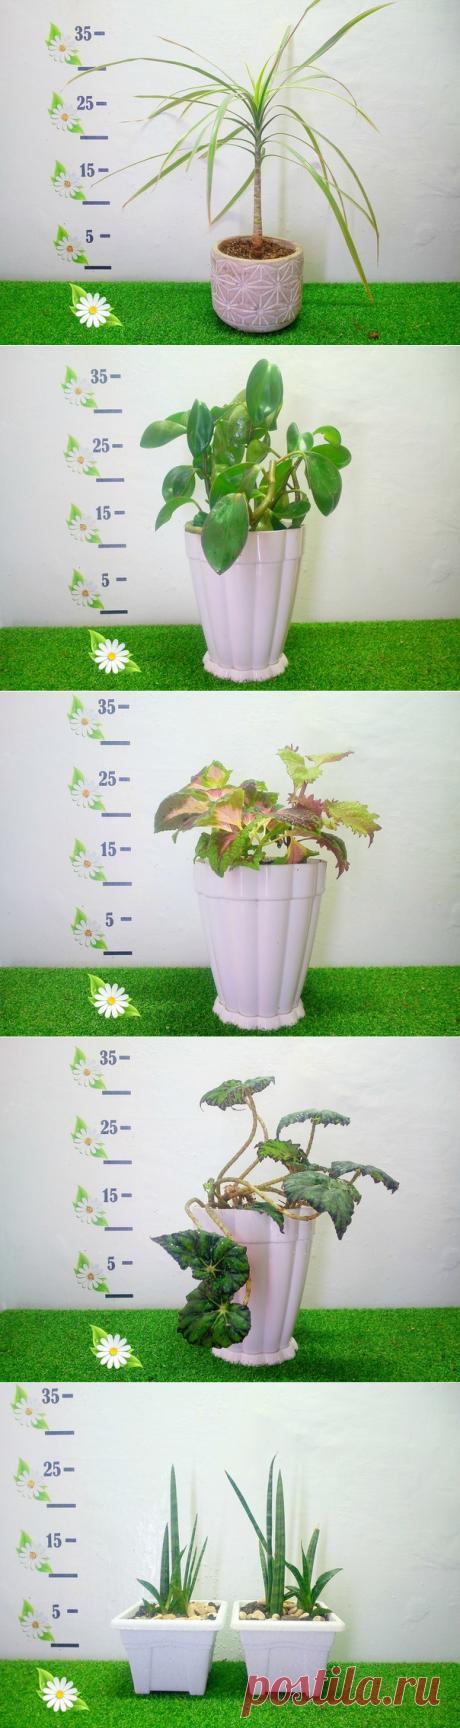 Лана Влади. Комнатные растения